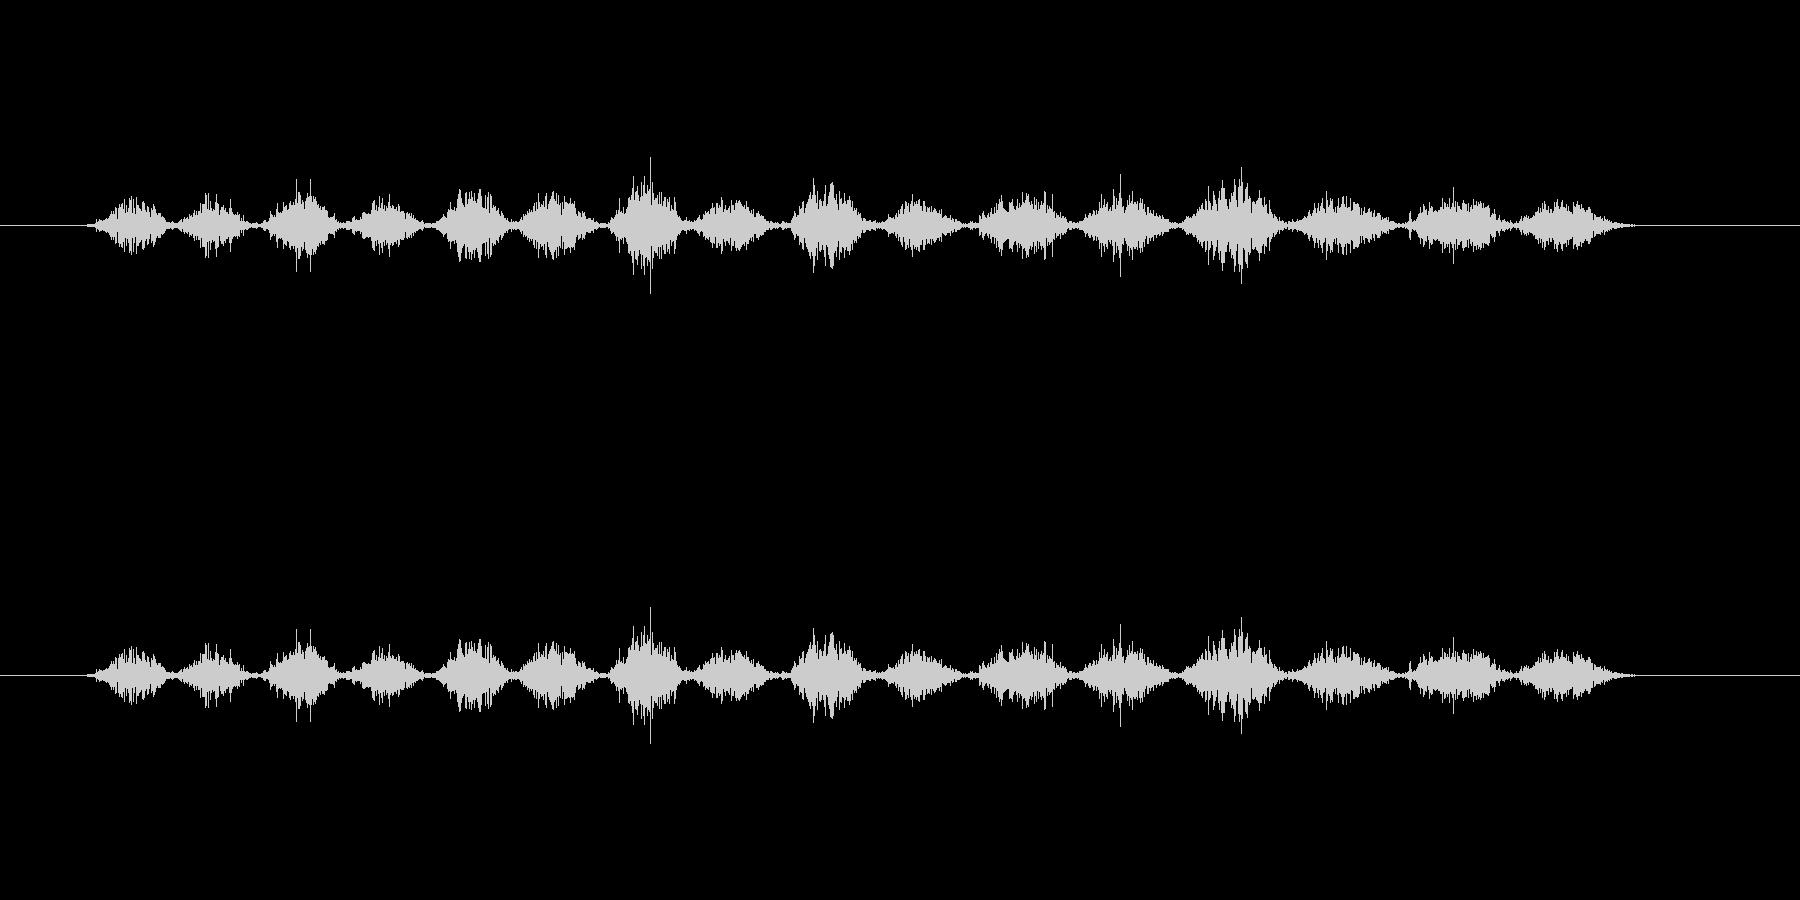 【ボールペン01-11(塗りつぶす)】の未再生の波形